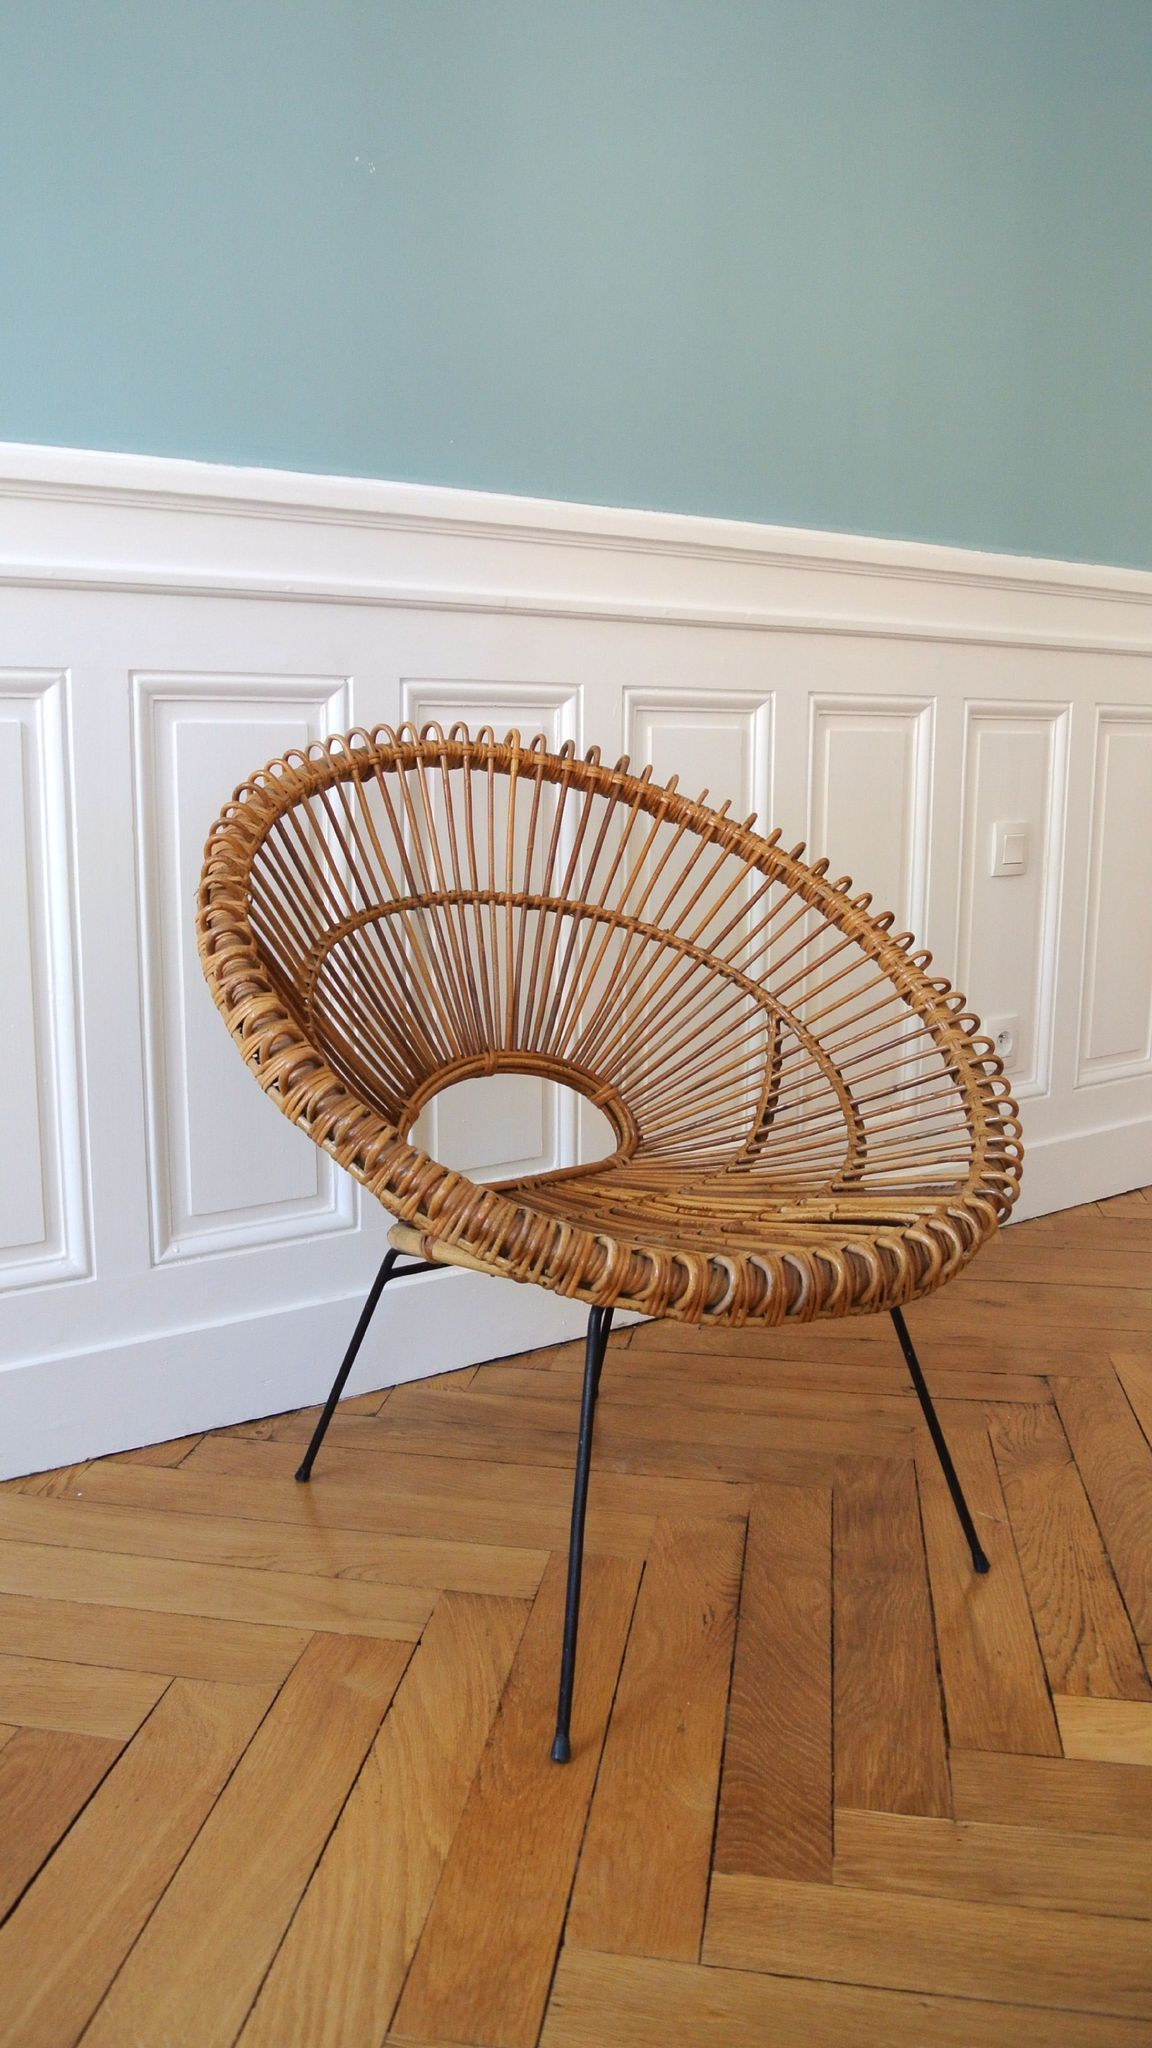 fauteuil en rotin des ann es 50 janine abraham solveig vintage galerie fauteuils soleil. Black Bedroom Furniture Sets. Home Design Ideas